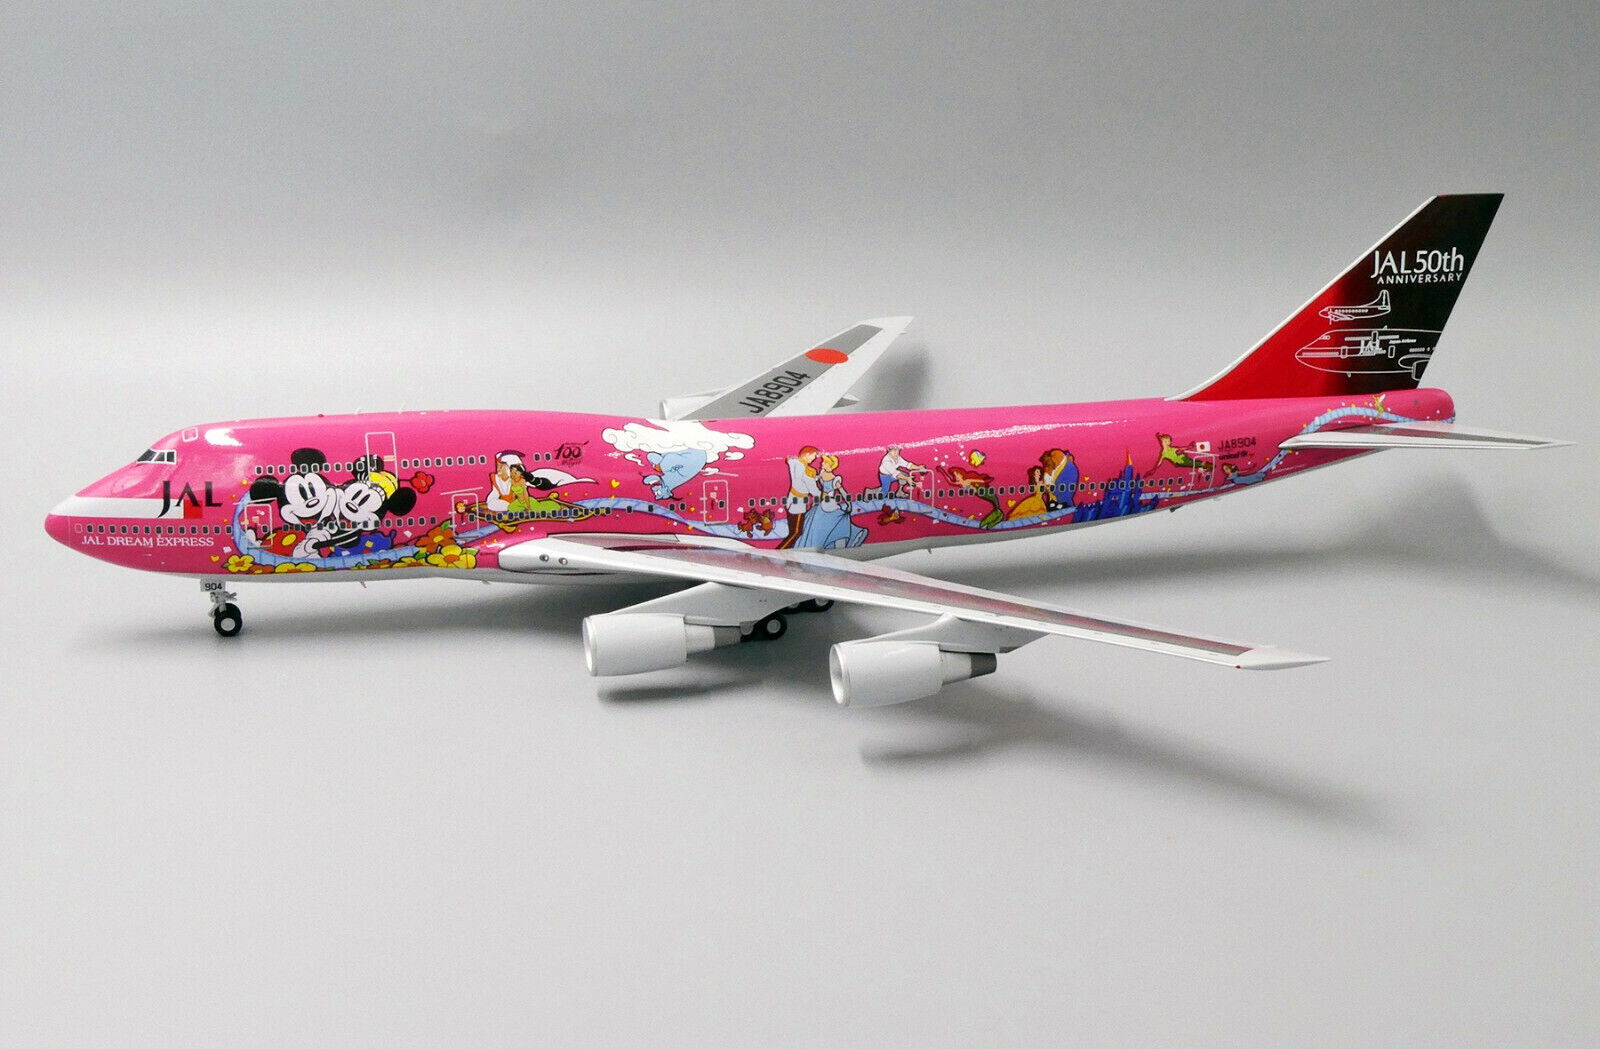 JC2860 1 200 Japan Airlines B747-400D Traum Express 21 NO.2 Süss JA8904 W   Steh